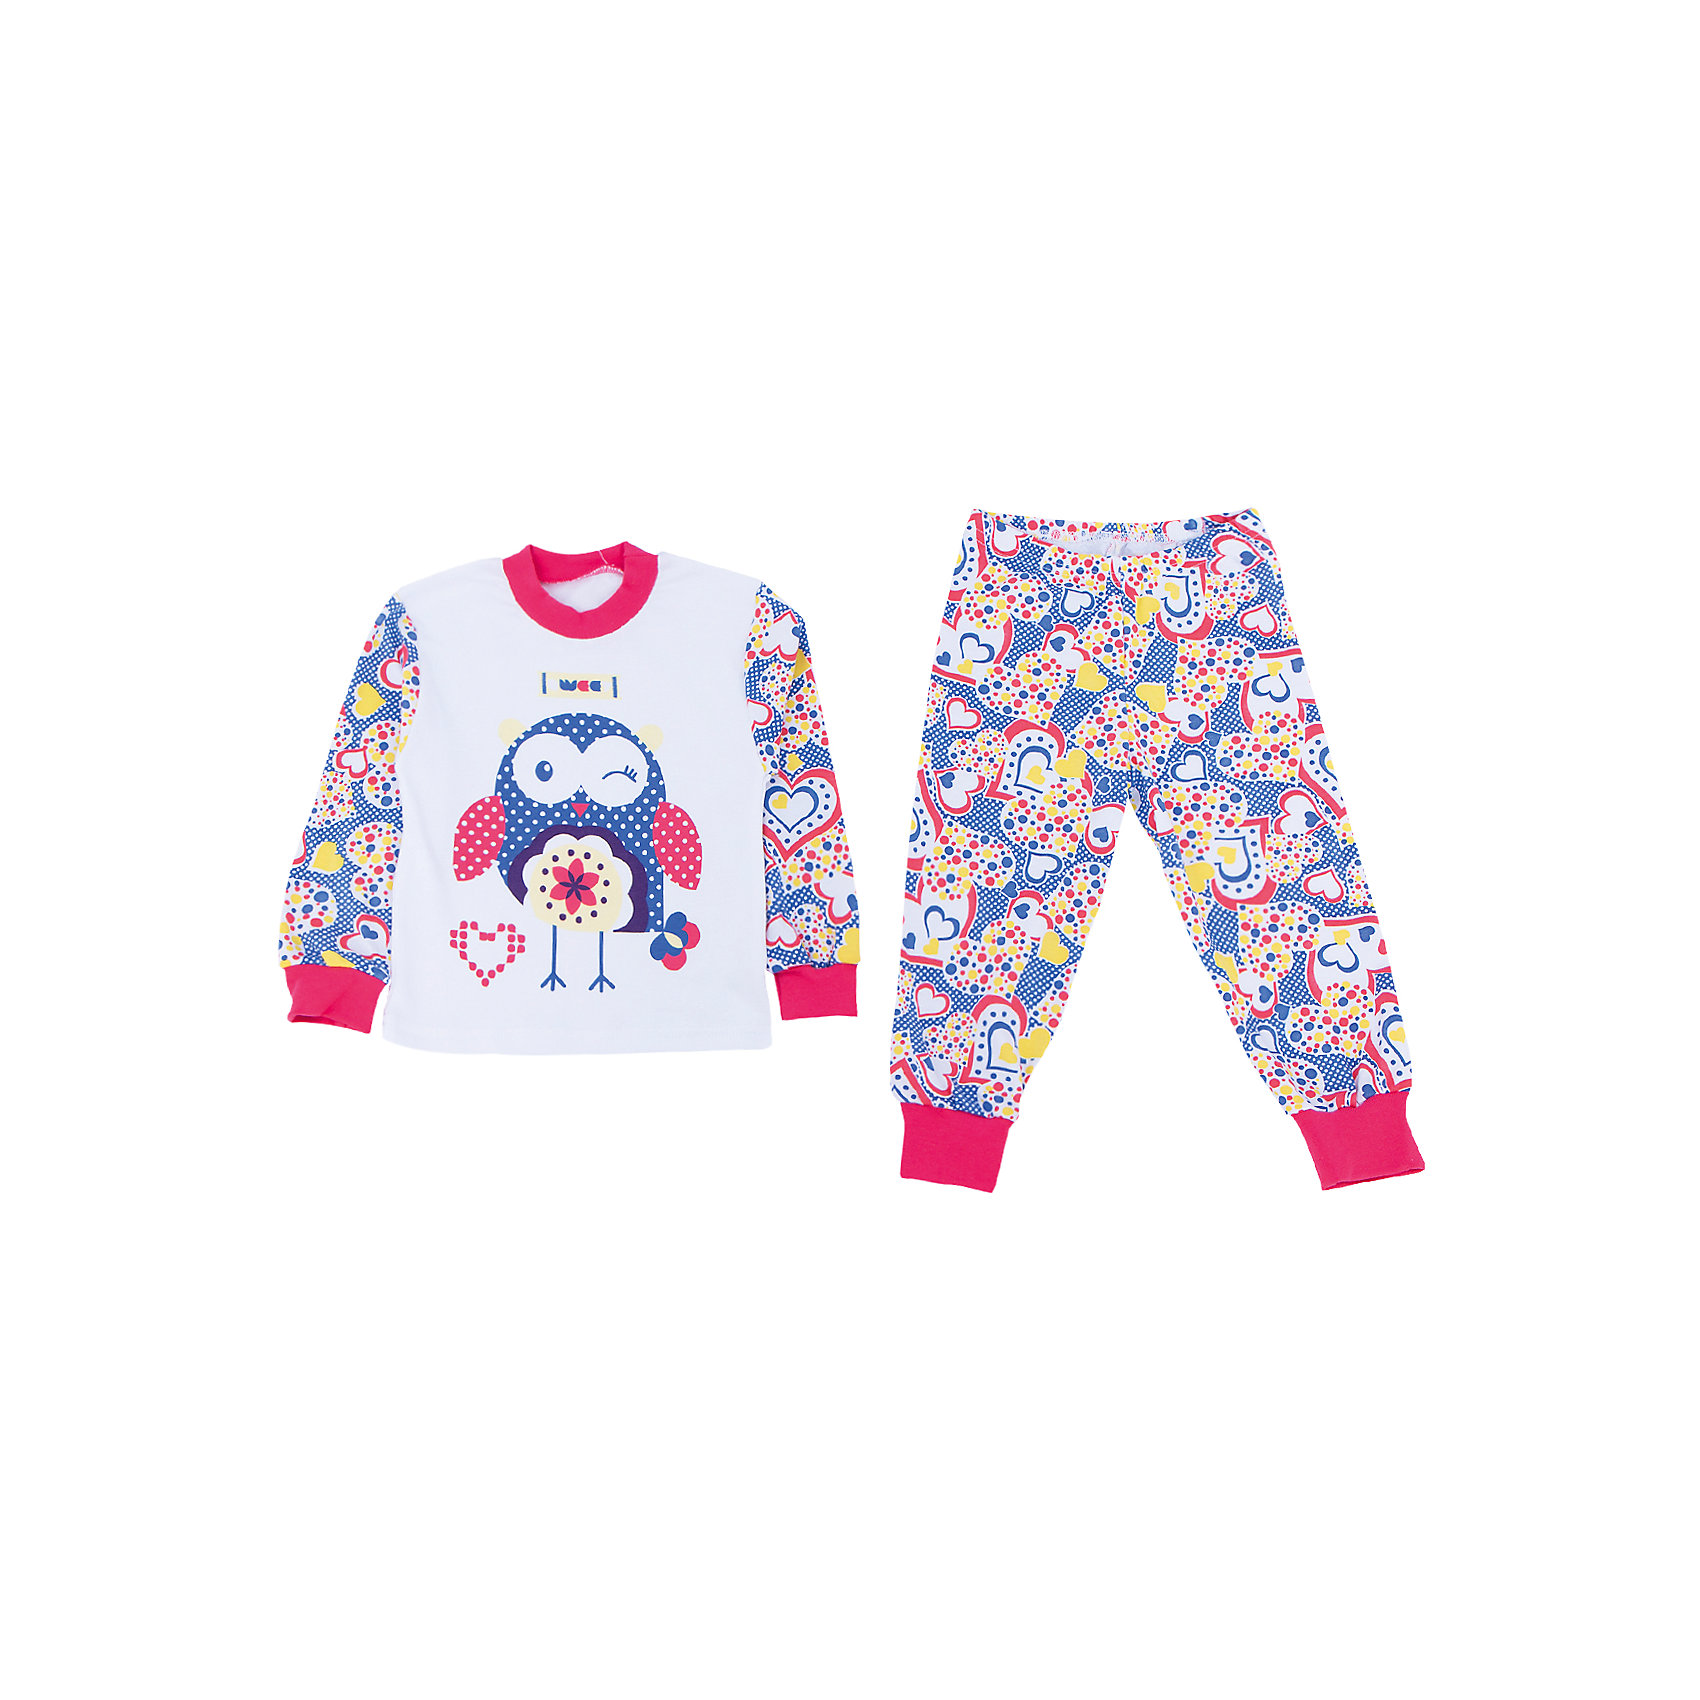 Пижама для девочки АпрельПижама Апрель.<br><br>Характеристики:<br>• материал: хлопок<br>• цвет: синий<br><br>Яркая пижама от популярной марки Апрель выполнена из мягкого хлопка, приятного телу, что ребенок сможет оценить во время сна. Манжеты не позволят холодному воздуху проникнуть под одежду. Модель украшена ярким рисунком с сердечками и совой. В такой пижаме ваш ребенок увидит самые приятные и яркие сны!<br><br>Купить пижаму Апрель можно в нашем интернет-магазине.<br><br>Ширина мм: 281<br>Глубина мм: 70<br>Высота мм: 188<br>Вес г: 295<br>Цвет: белый/синий<br>Возраст от месяцев: 60<br>Возраст до месяцев: 72<br>Пол: Женский<br>Возраст: Детский<br>Размер: 116,110,104,98,92<br>SKU: 4936895